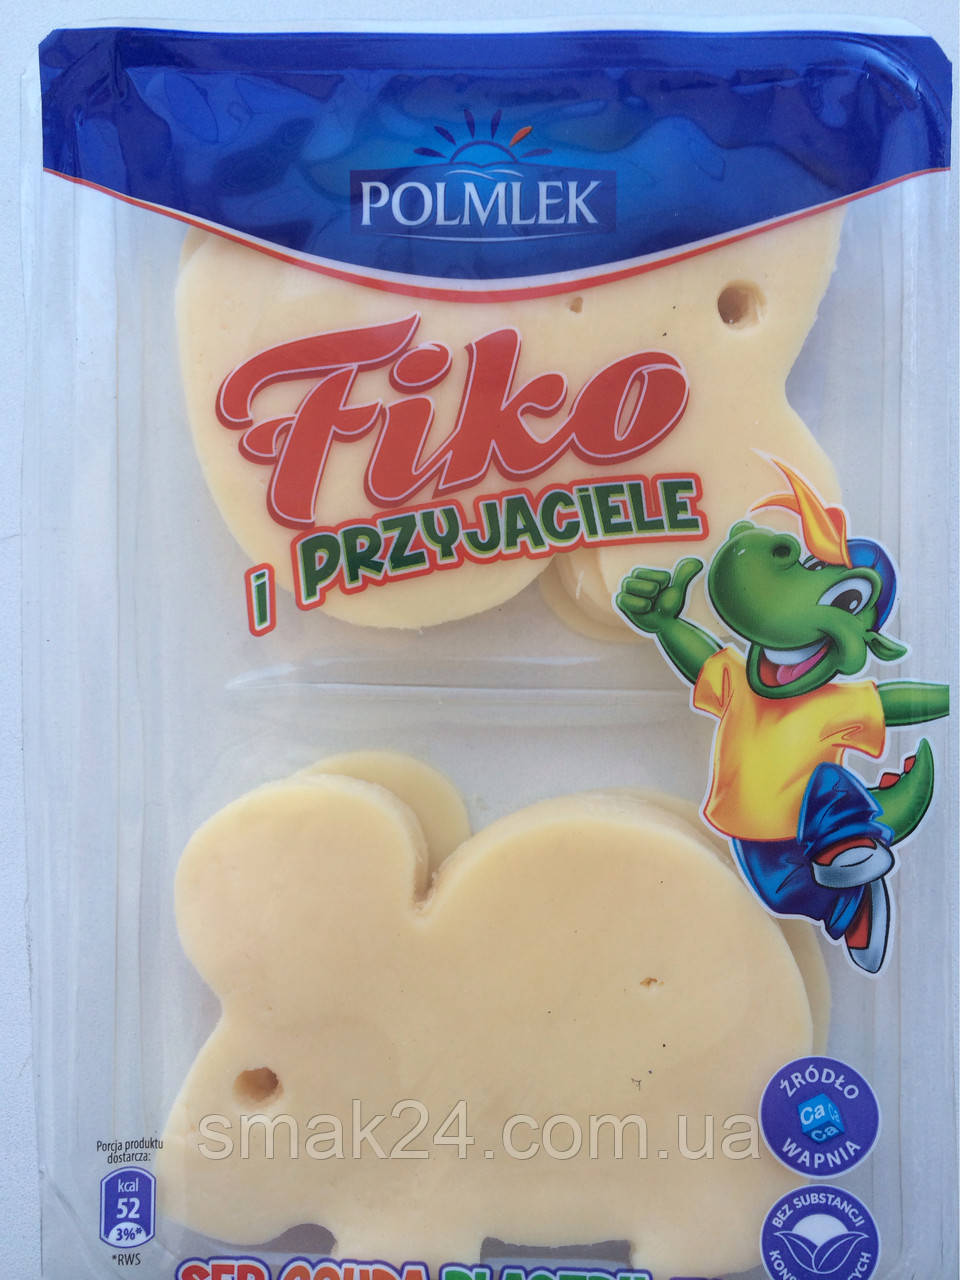 Сыр детский Fiko i przyjaciele (Фико и друзья) Gouda (Мышки) Польша 150г